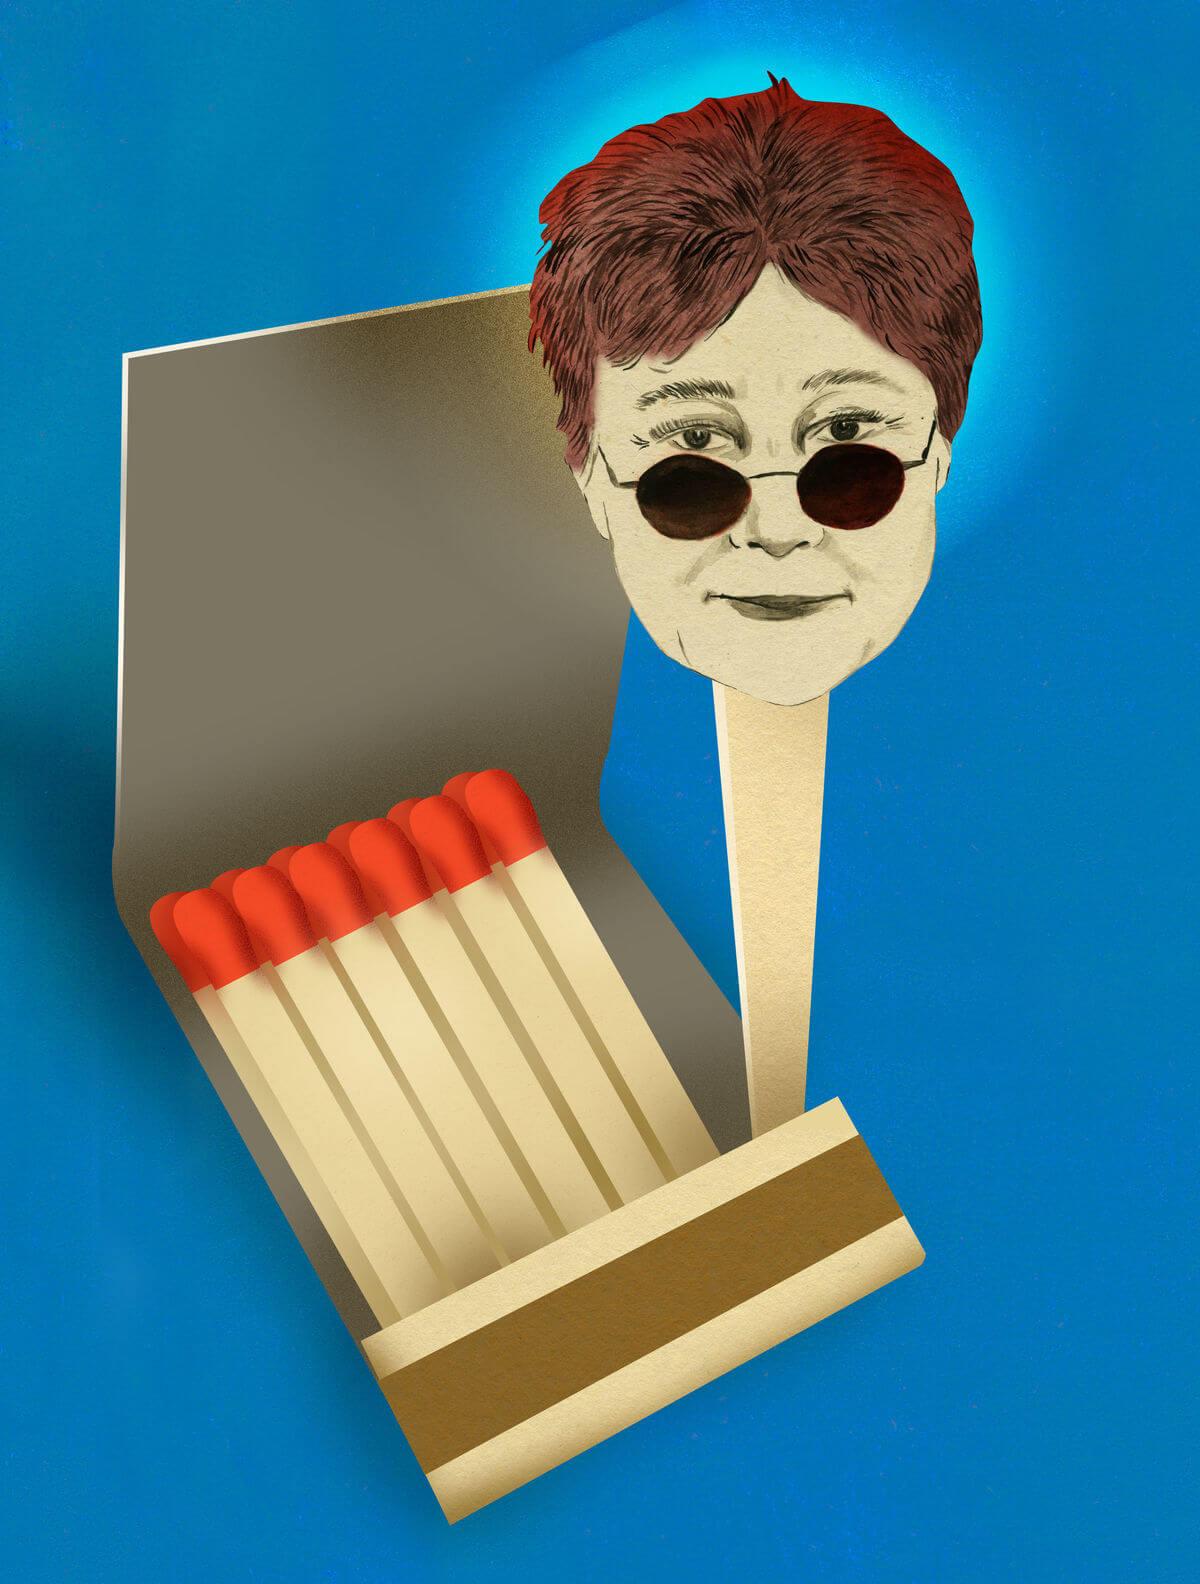 De Thom Yorke a Yoko Ono: 7 excéntricos rituales y supersticiones de grandes artistas